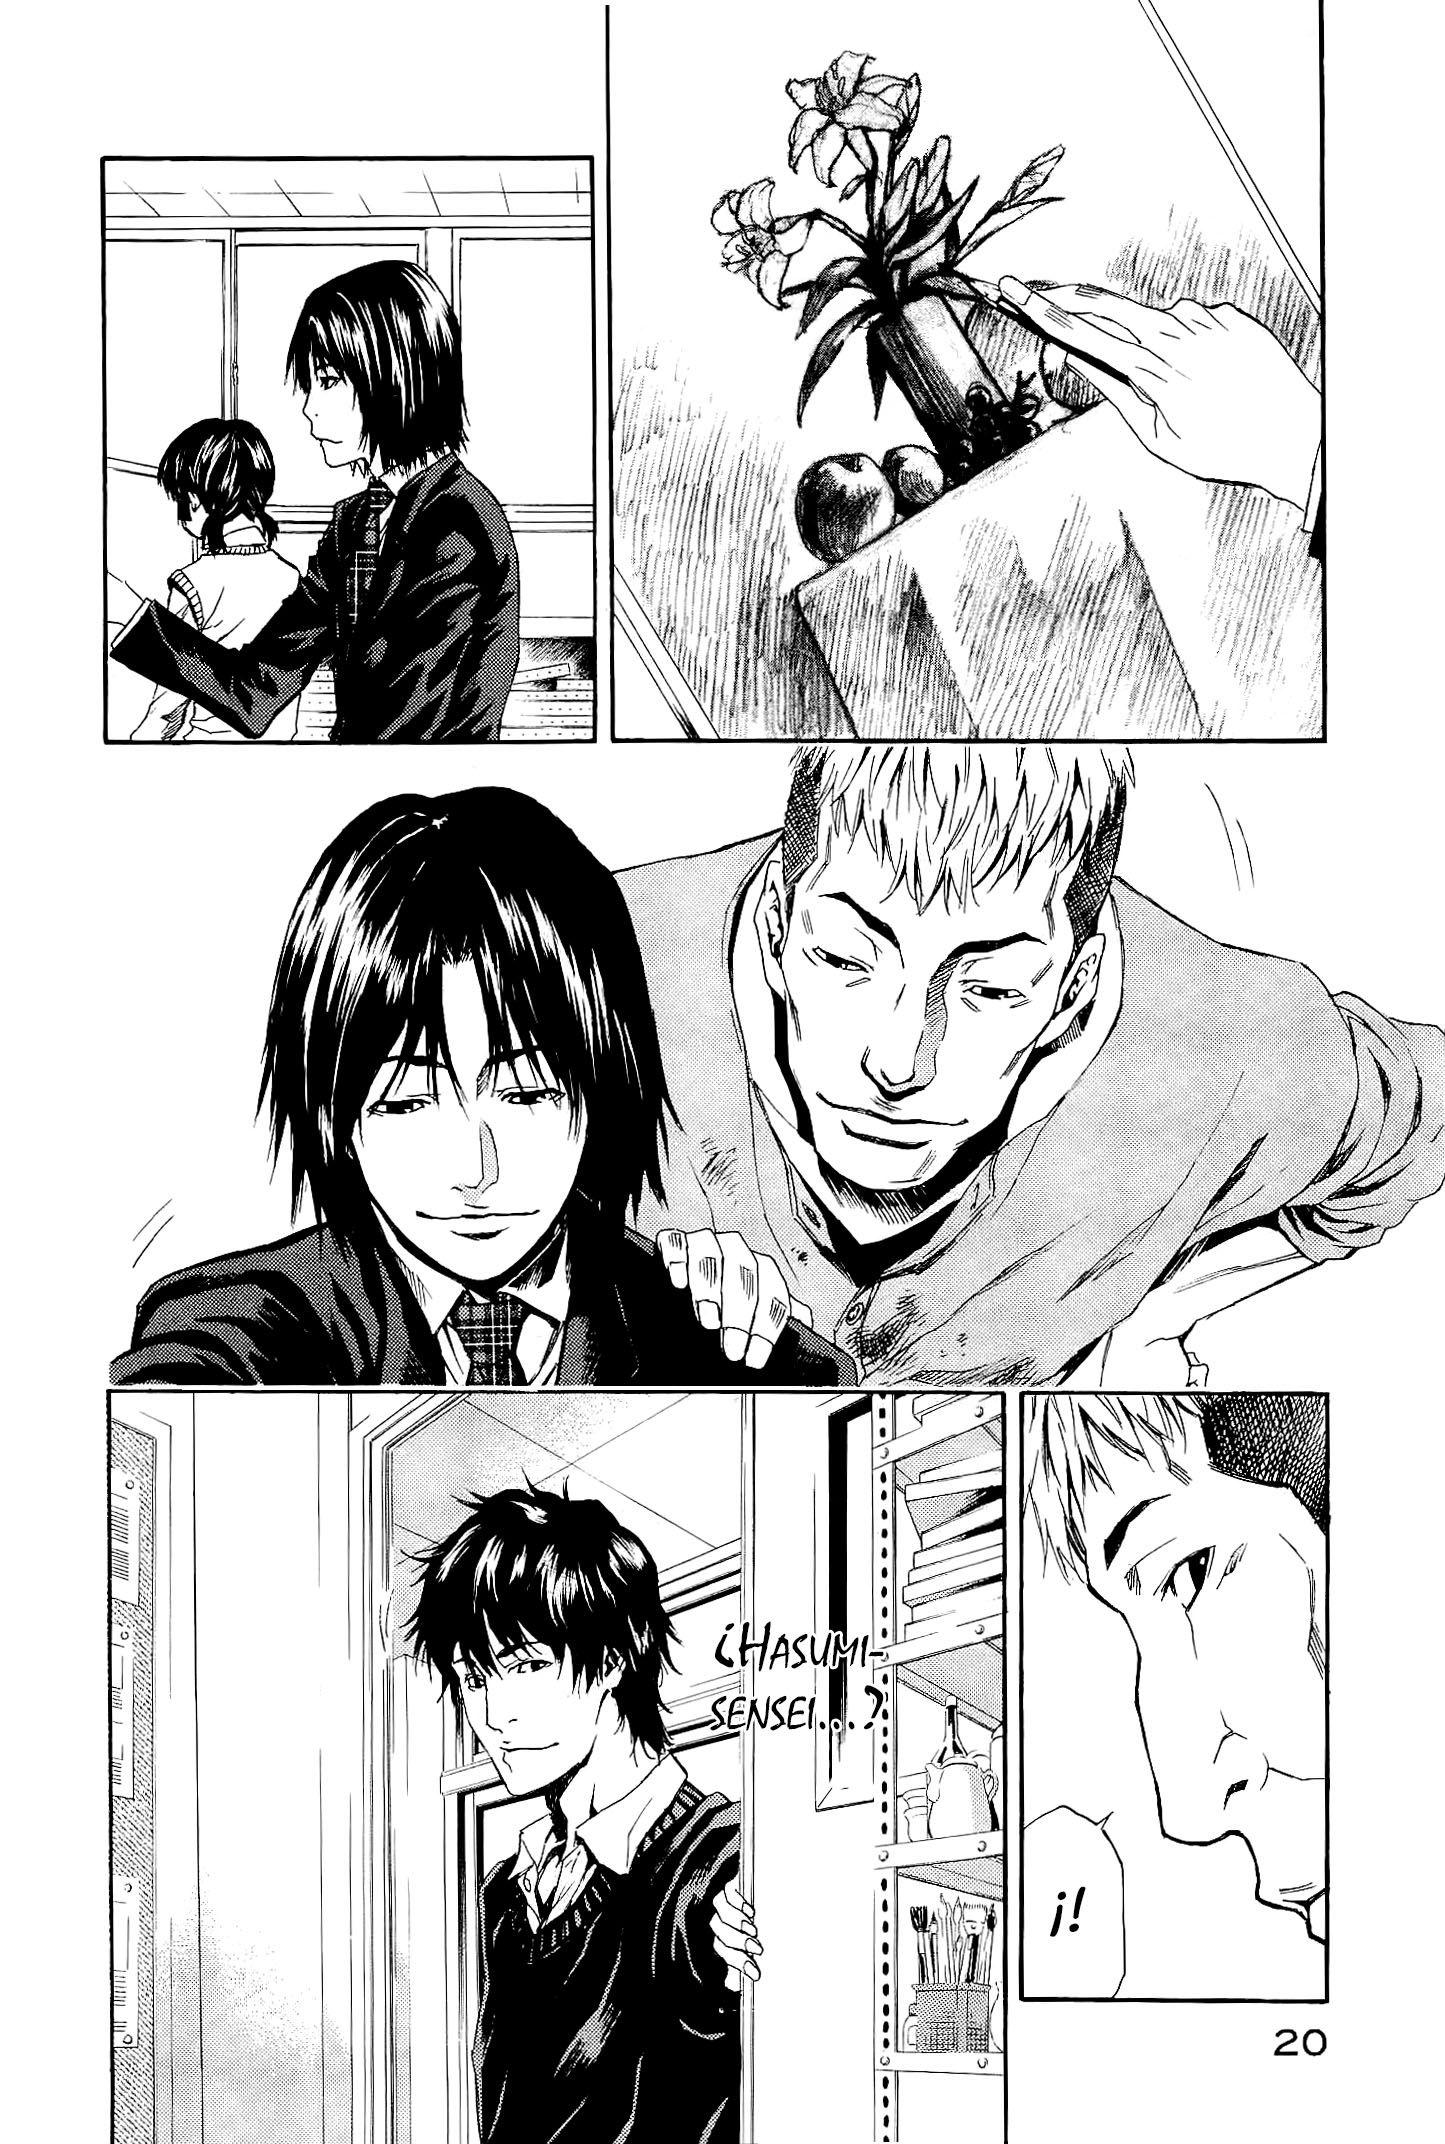 http://c5.ninemanga.com/es_manga/3/19523/468638/49041135ae59391cc2adc1fa5c821fb2.jpg Page 23